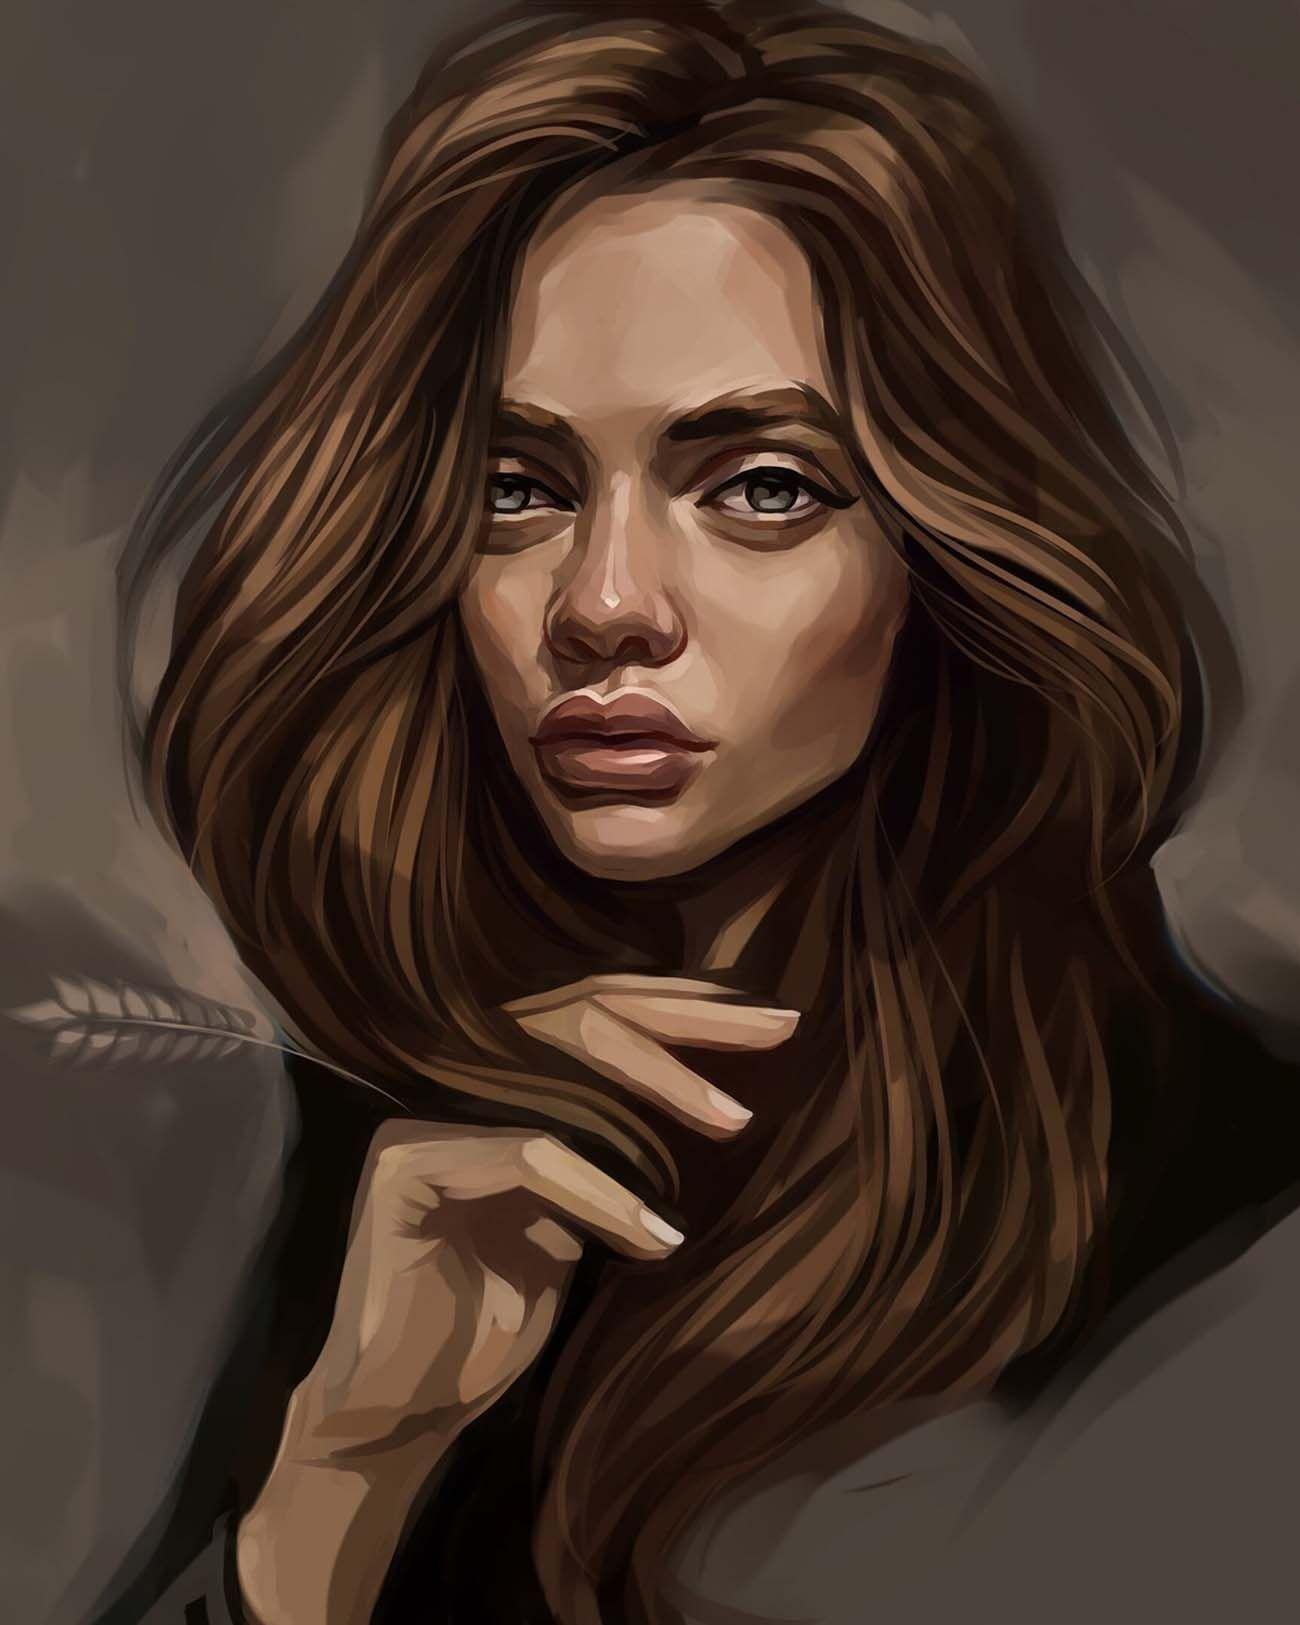 Digital Painting Inspiration Vol. 29   Digital art girl